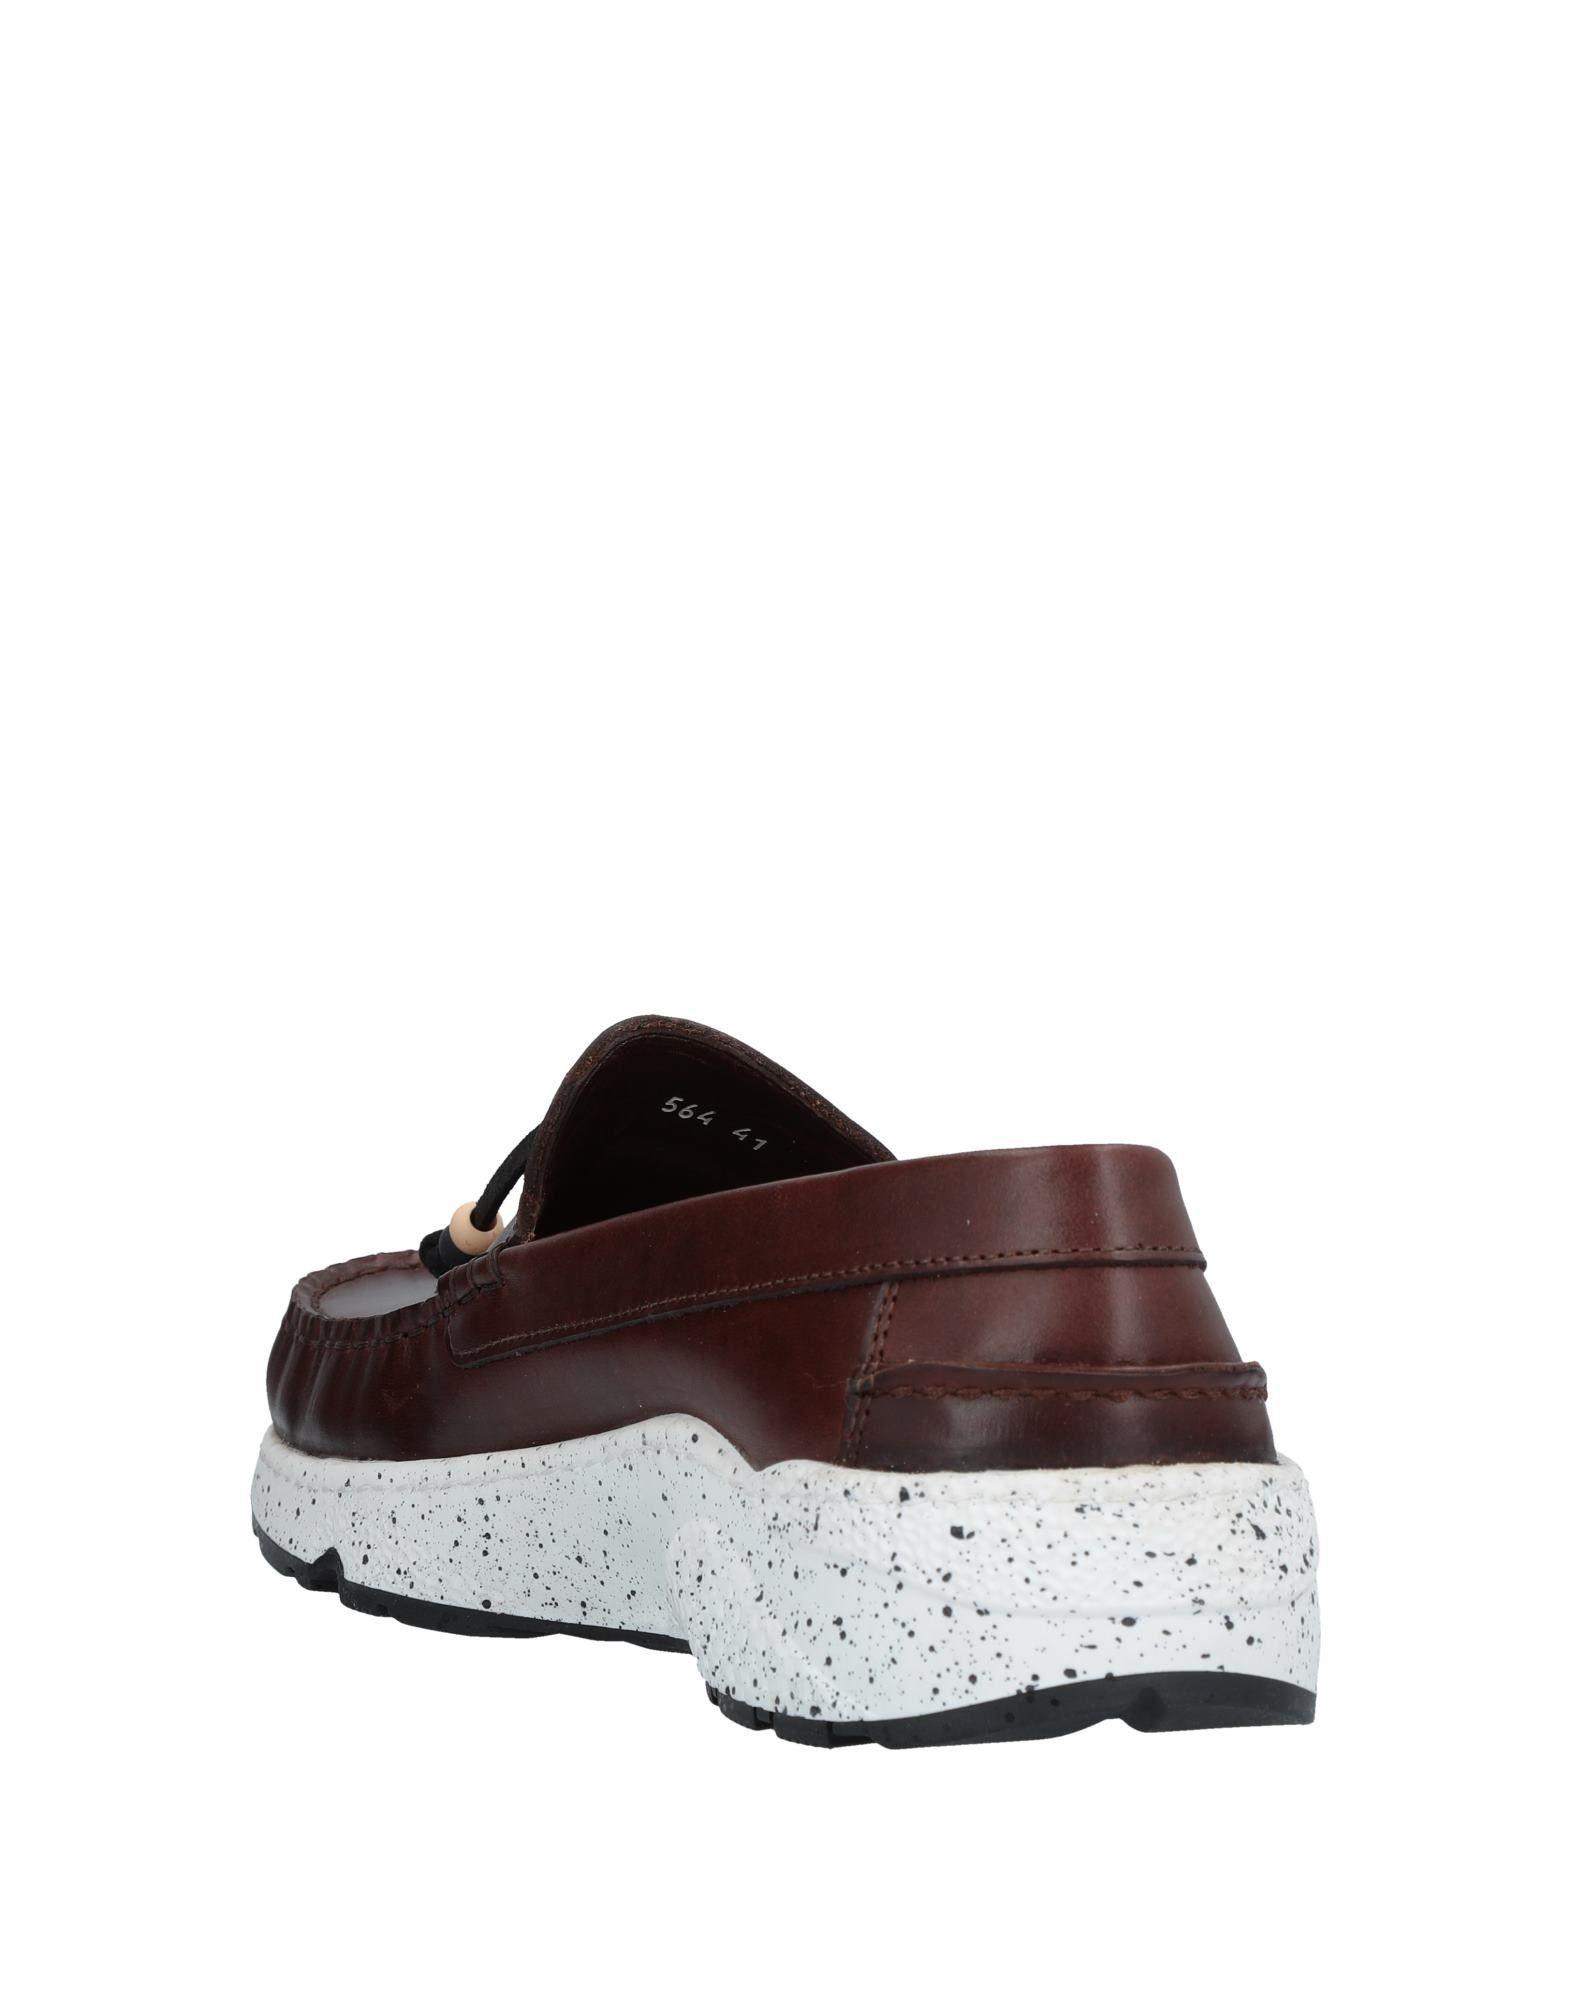 ... Rabatt echte Schuhe Dolfie Mokassins Herren echte 11529085MO 5a204e ... 046b58c193